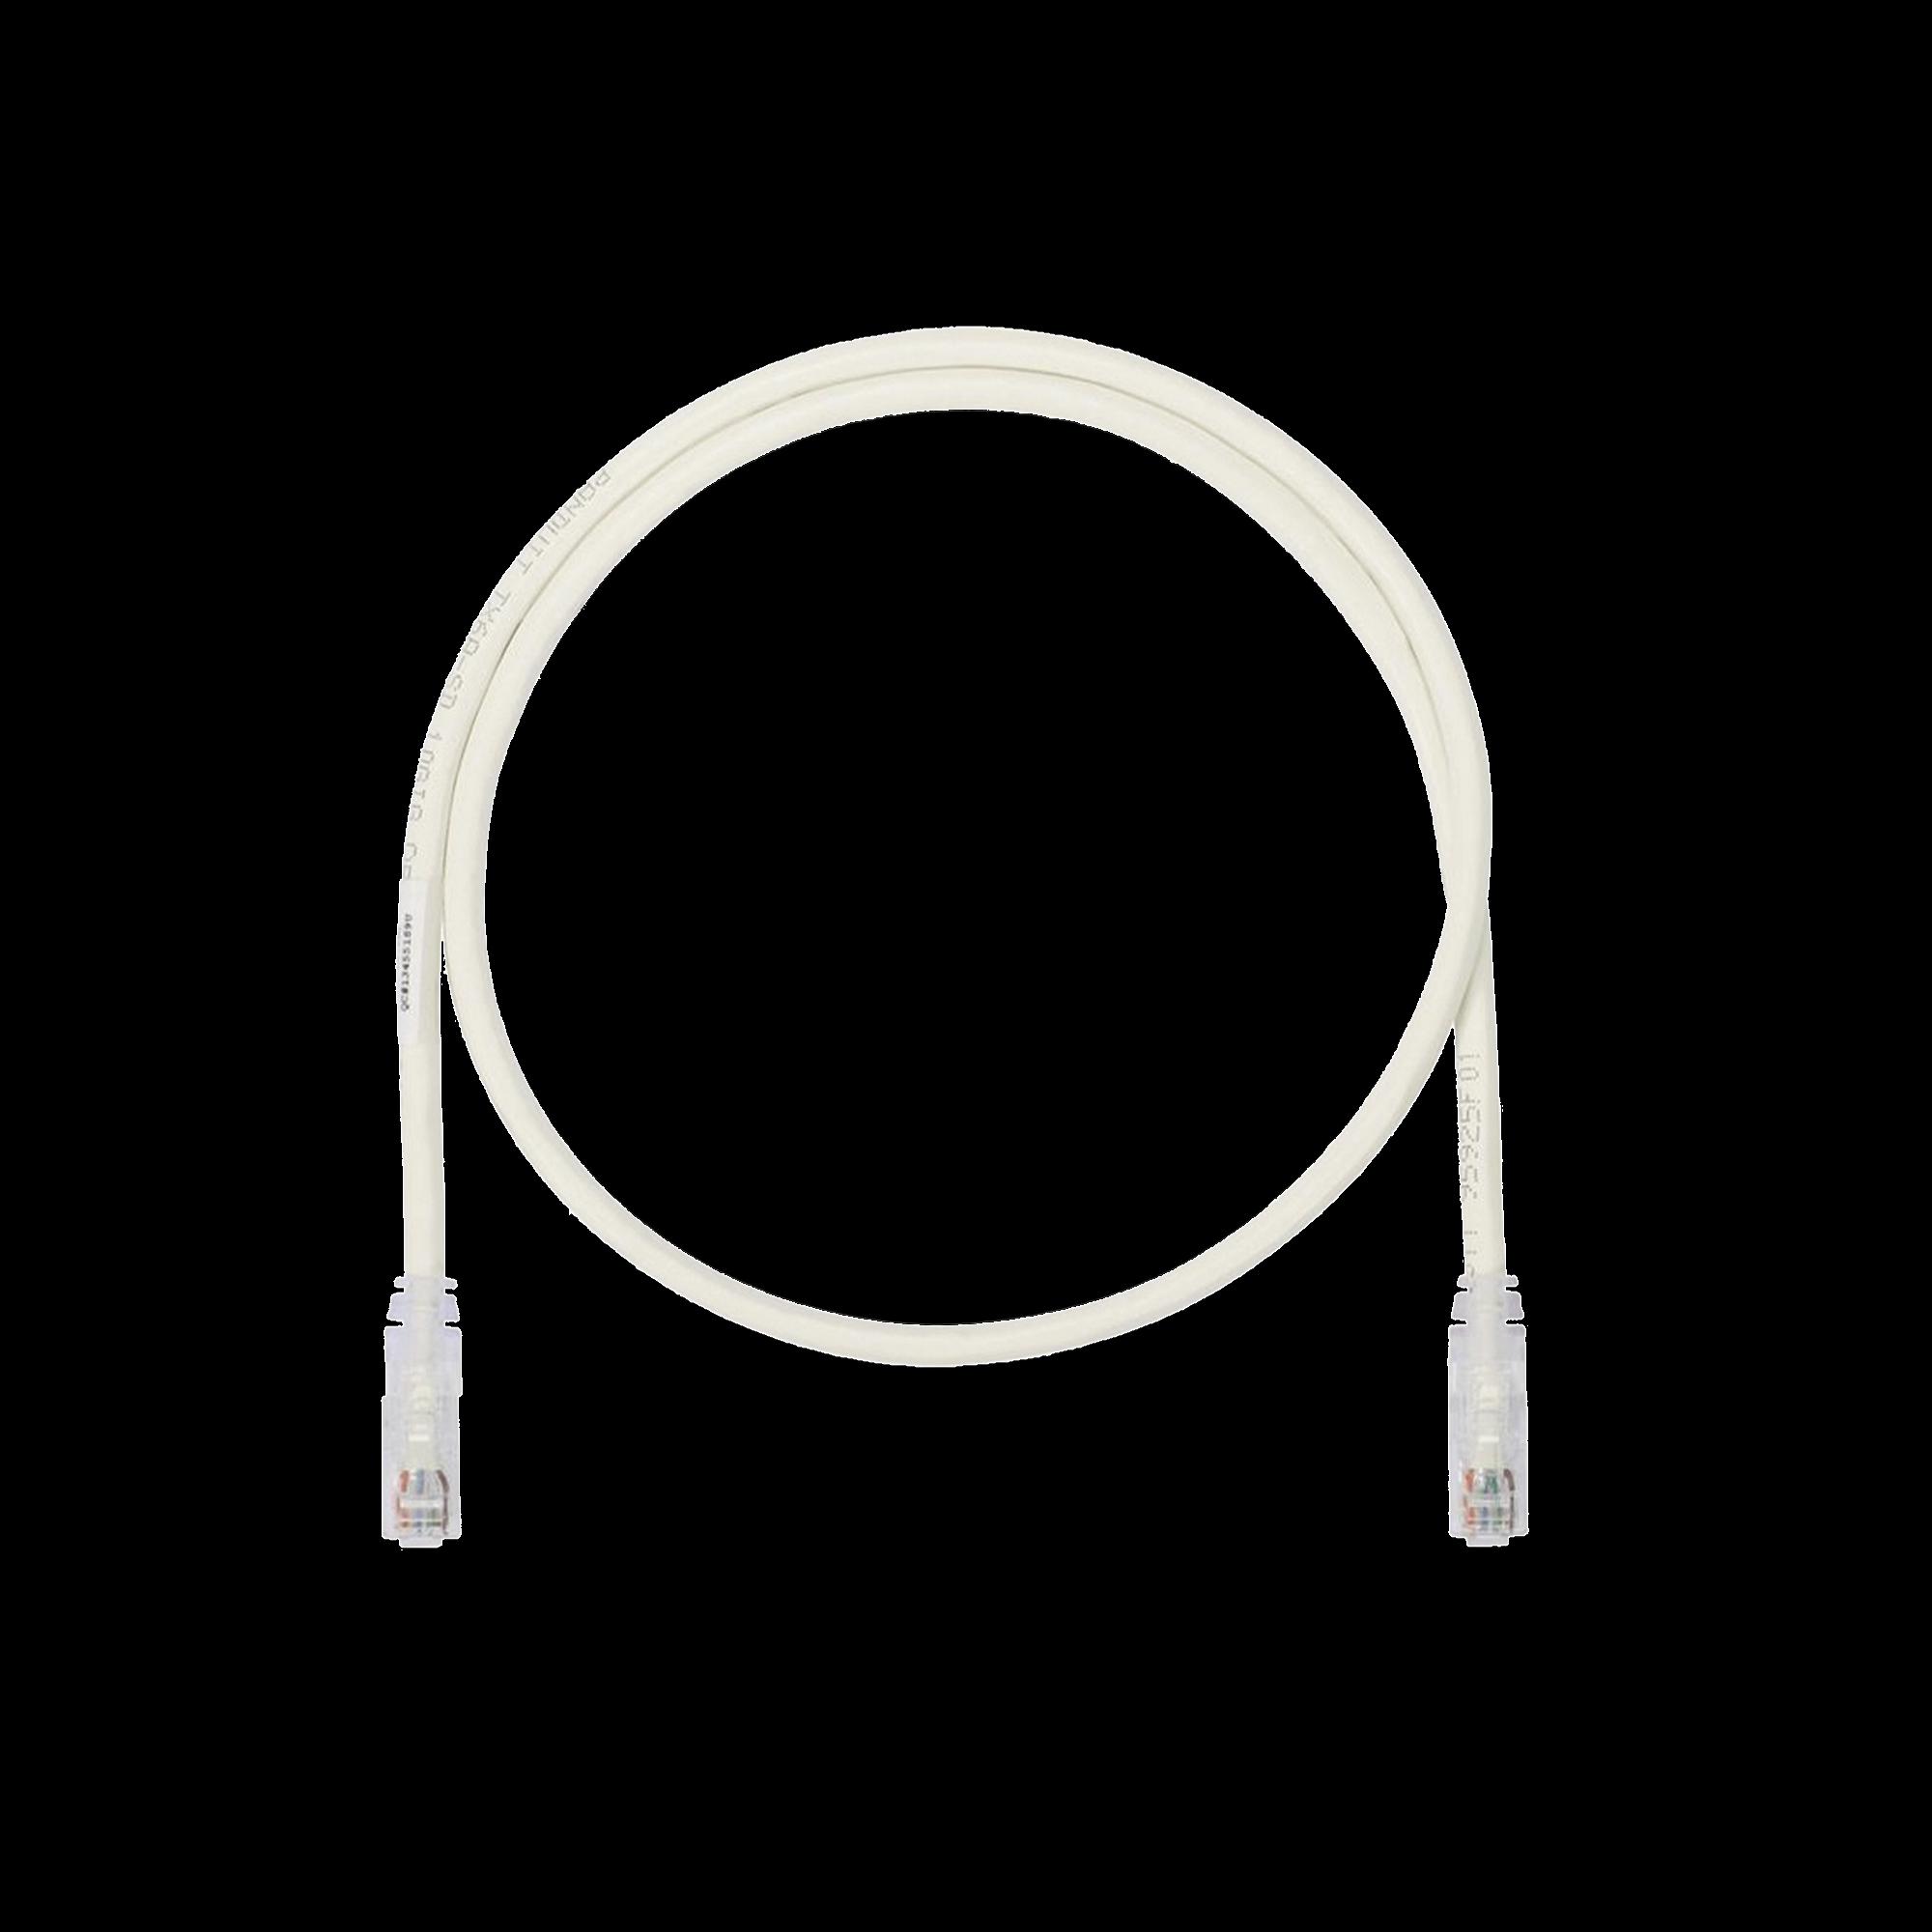 Cable de Parcheo UTP, Cat6A, 26 AWG, CM, Color Blanco Mate, 5ft